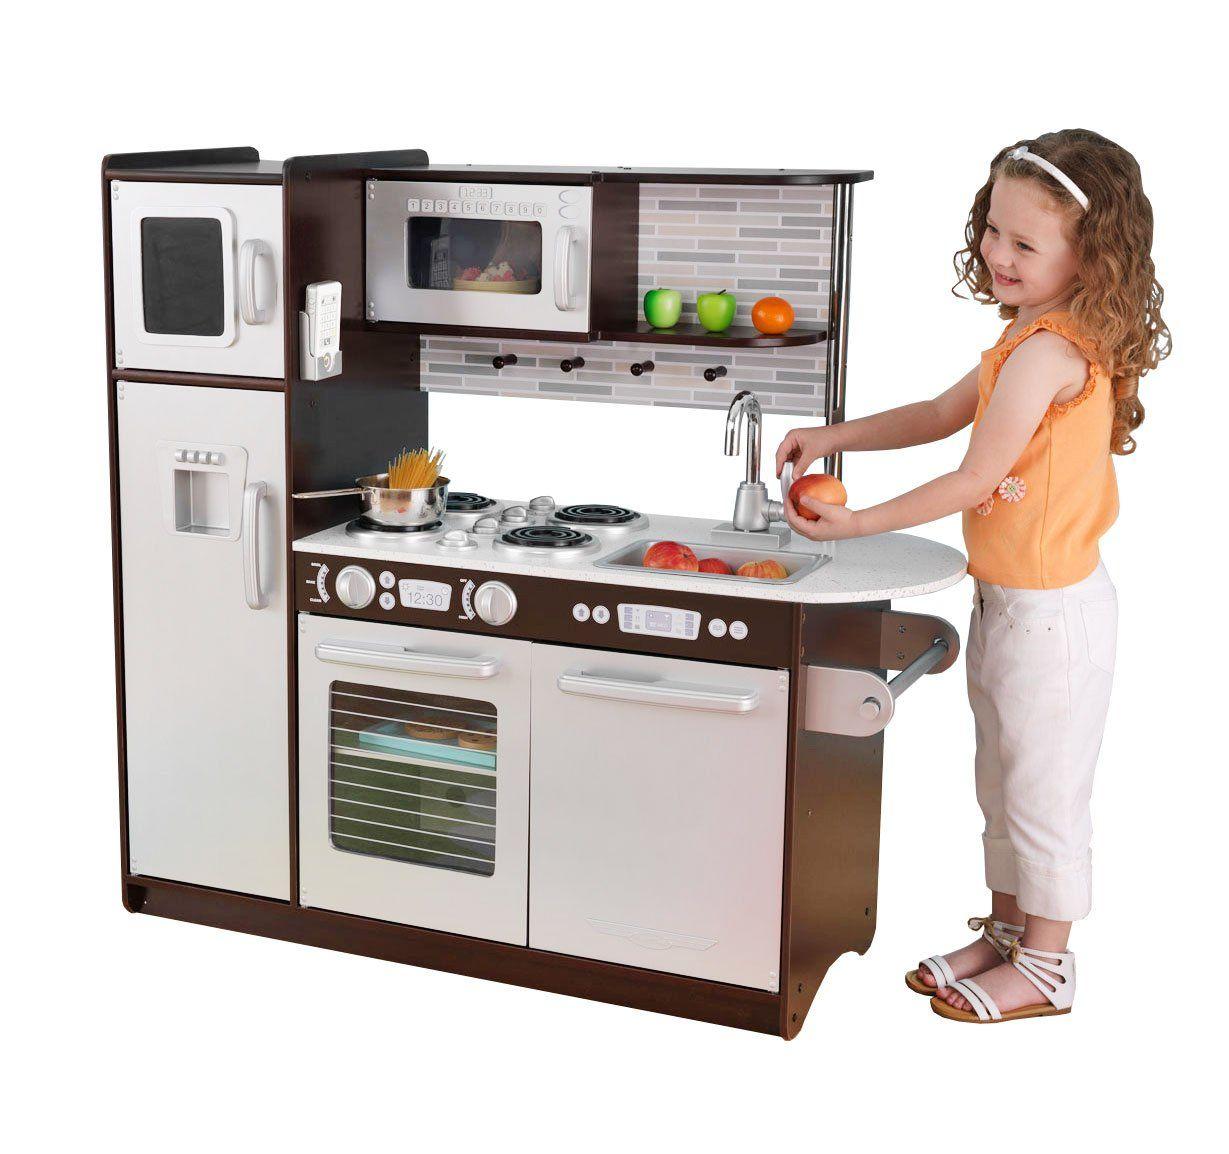 Wielka Drewniana Kuchnia Dla Dzieci Espresso Uptown Kidkraft Brykacze Pl Internetowy Sklep Z Zabawkami Dla Dzieci Play Kitchen Kidkraft Vintage Kitchen Toddler Play Kitchen